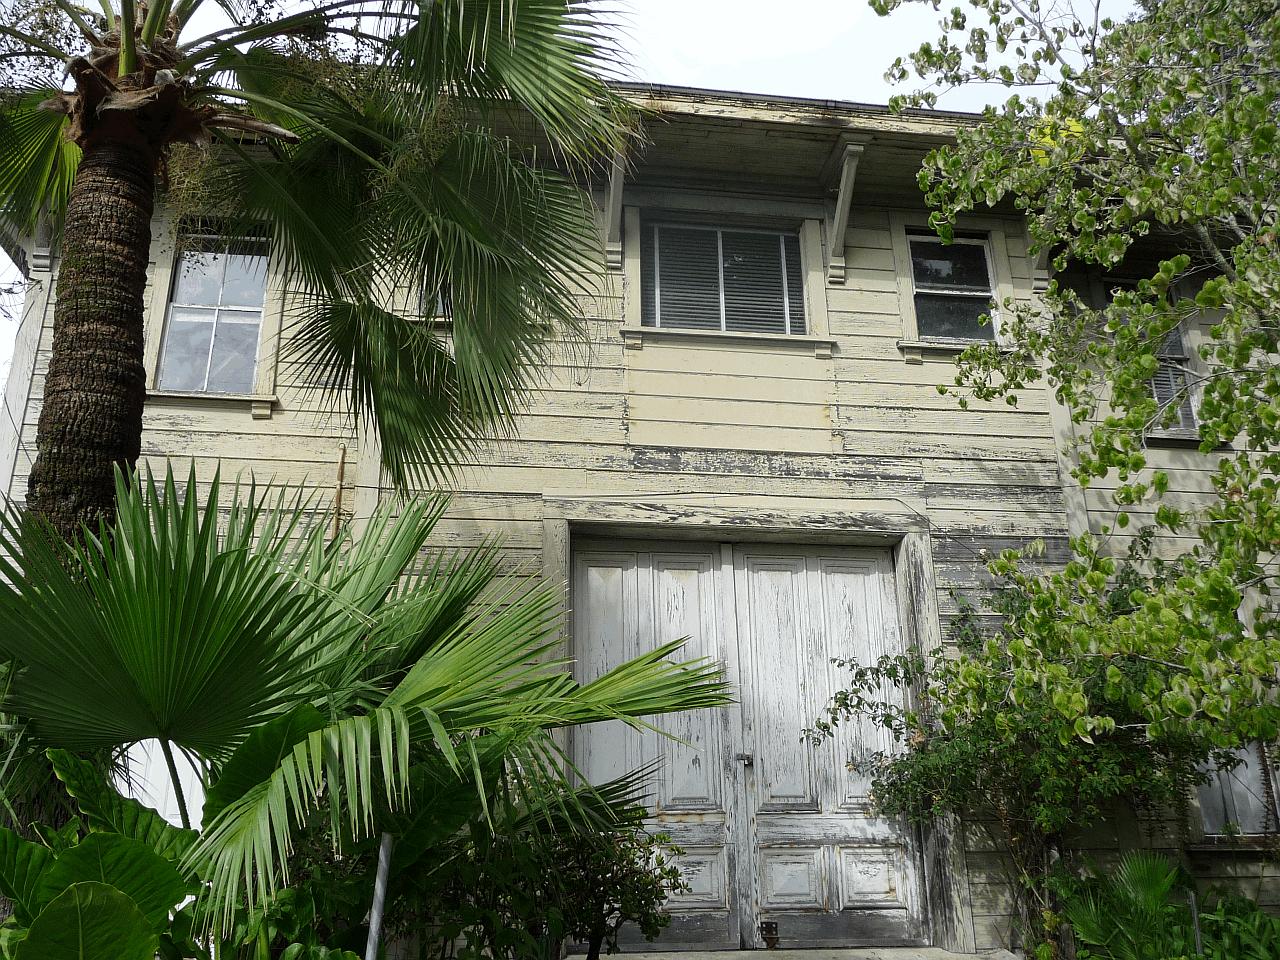 1870s Carriage House in San Rafael